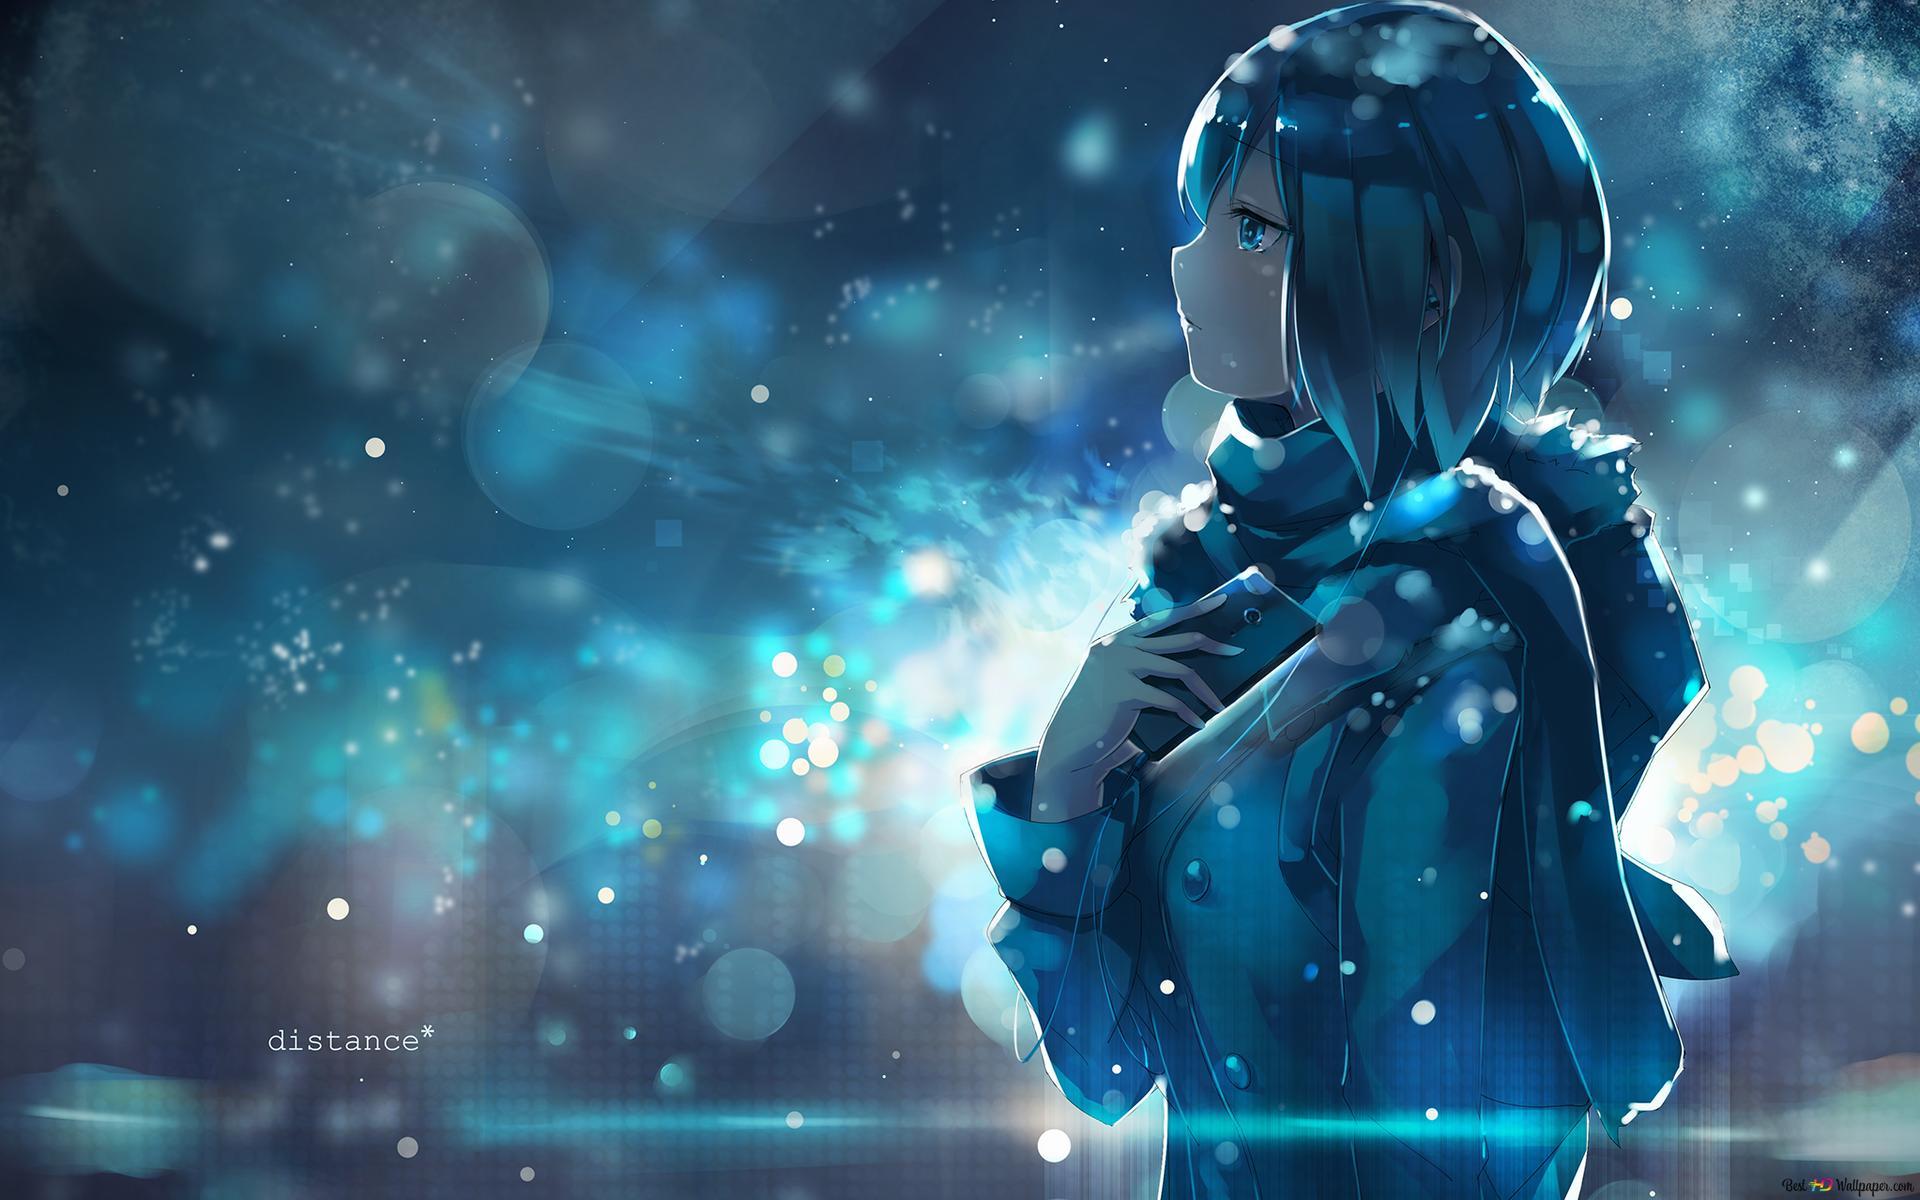 芸術アニメの女の子の背景 Hd壁紙のダウンロード